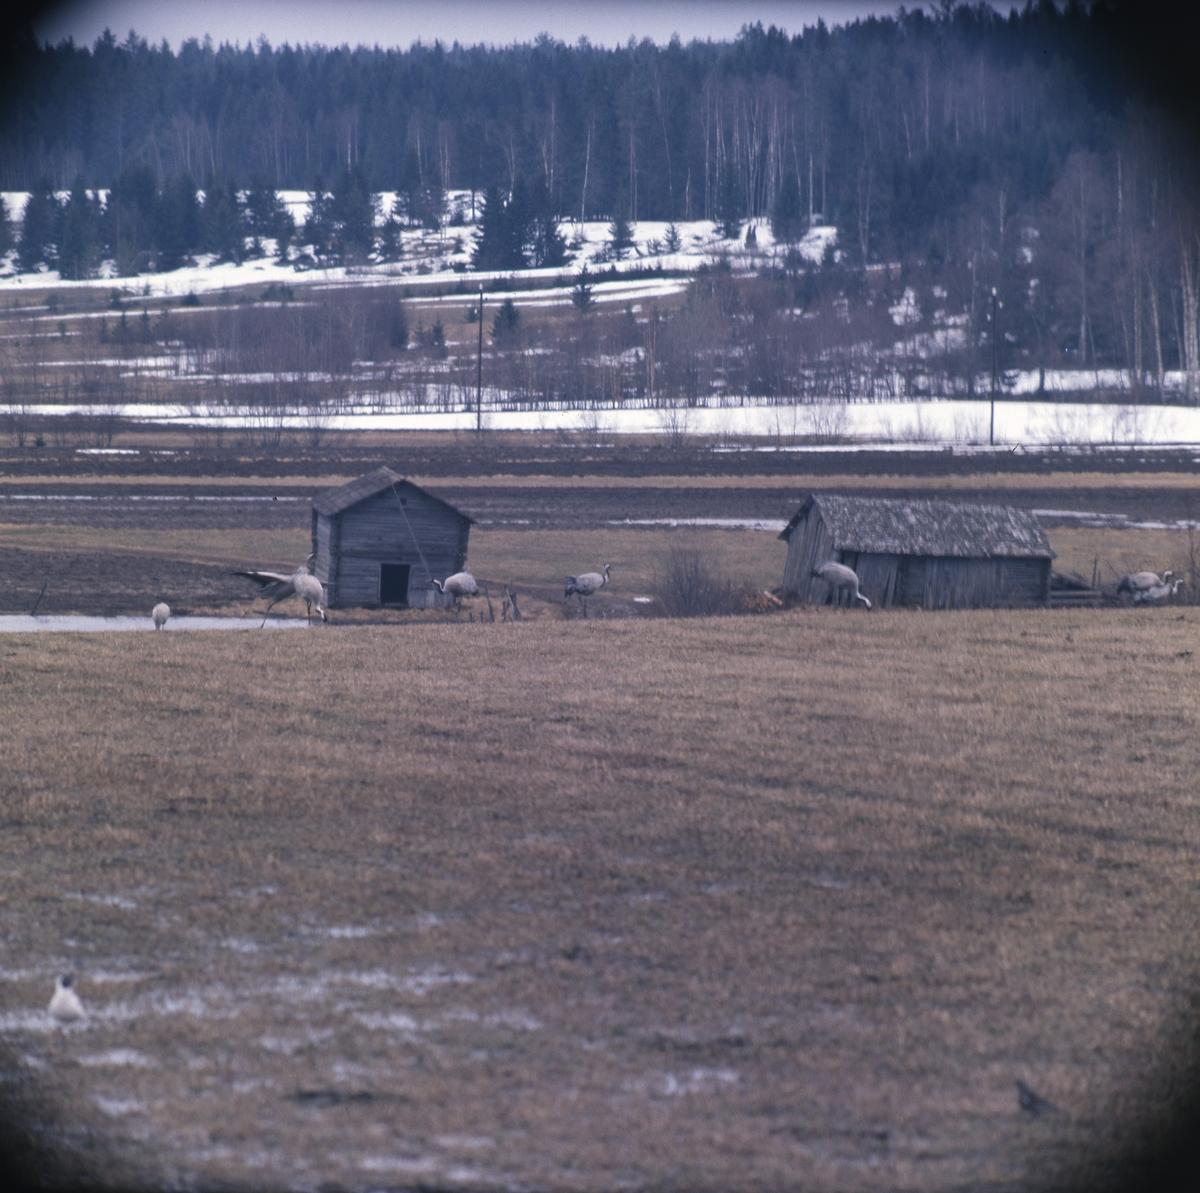 En åker med lador. Där äter några tranor av det bruna fjolårsgräset. Det ligger snö kvar vid skogsbrynet.